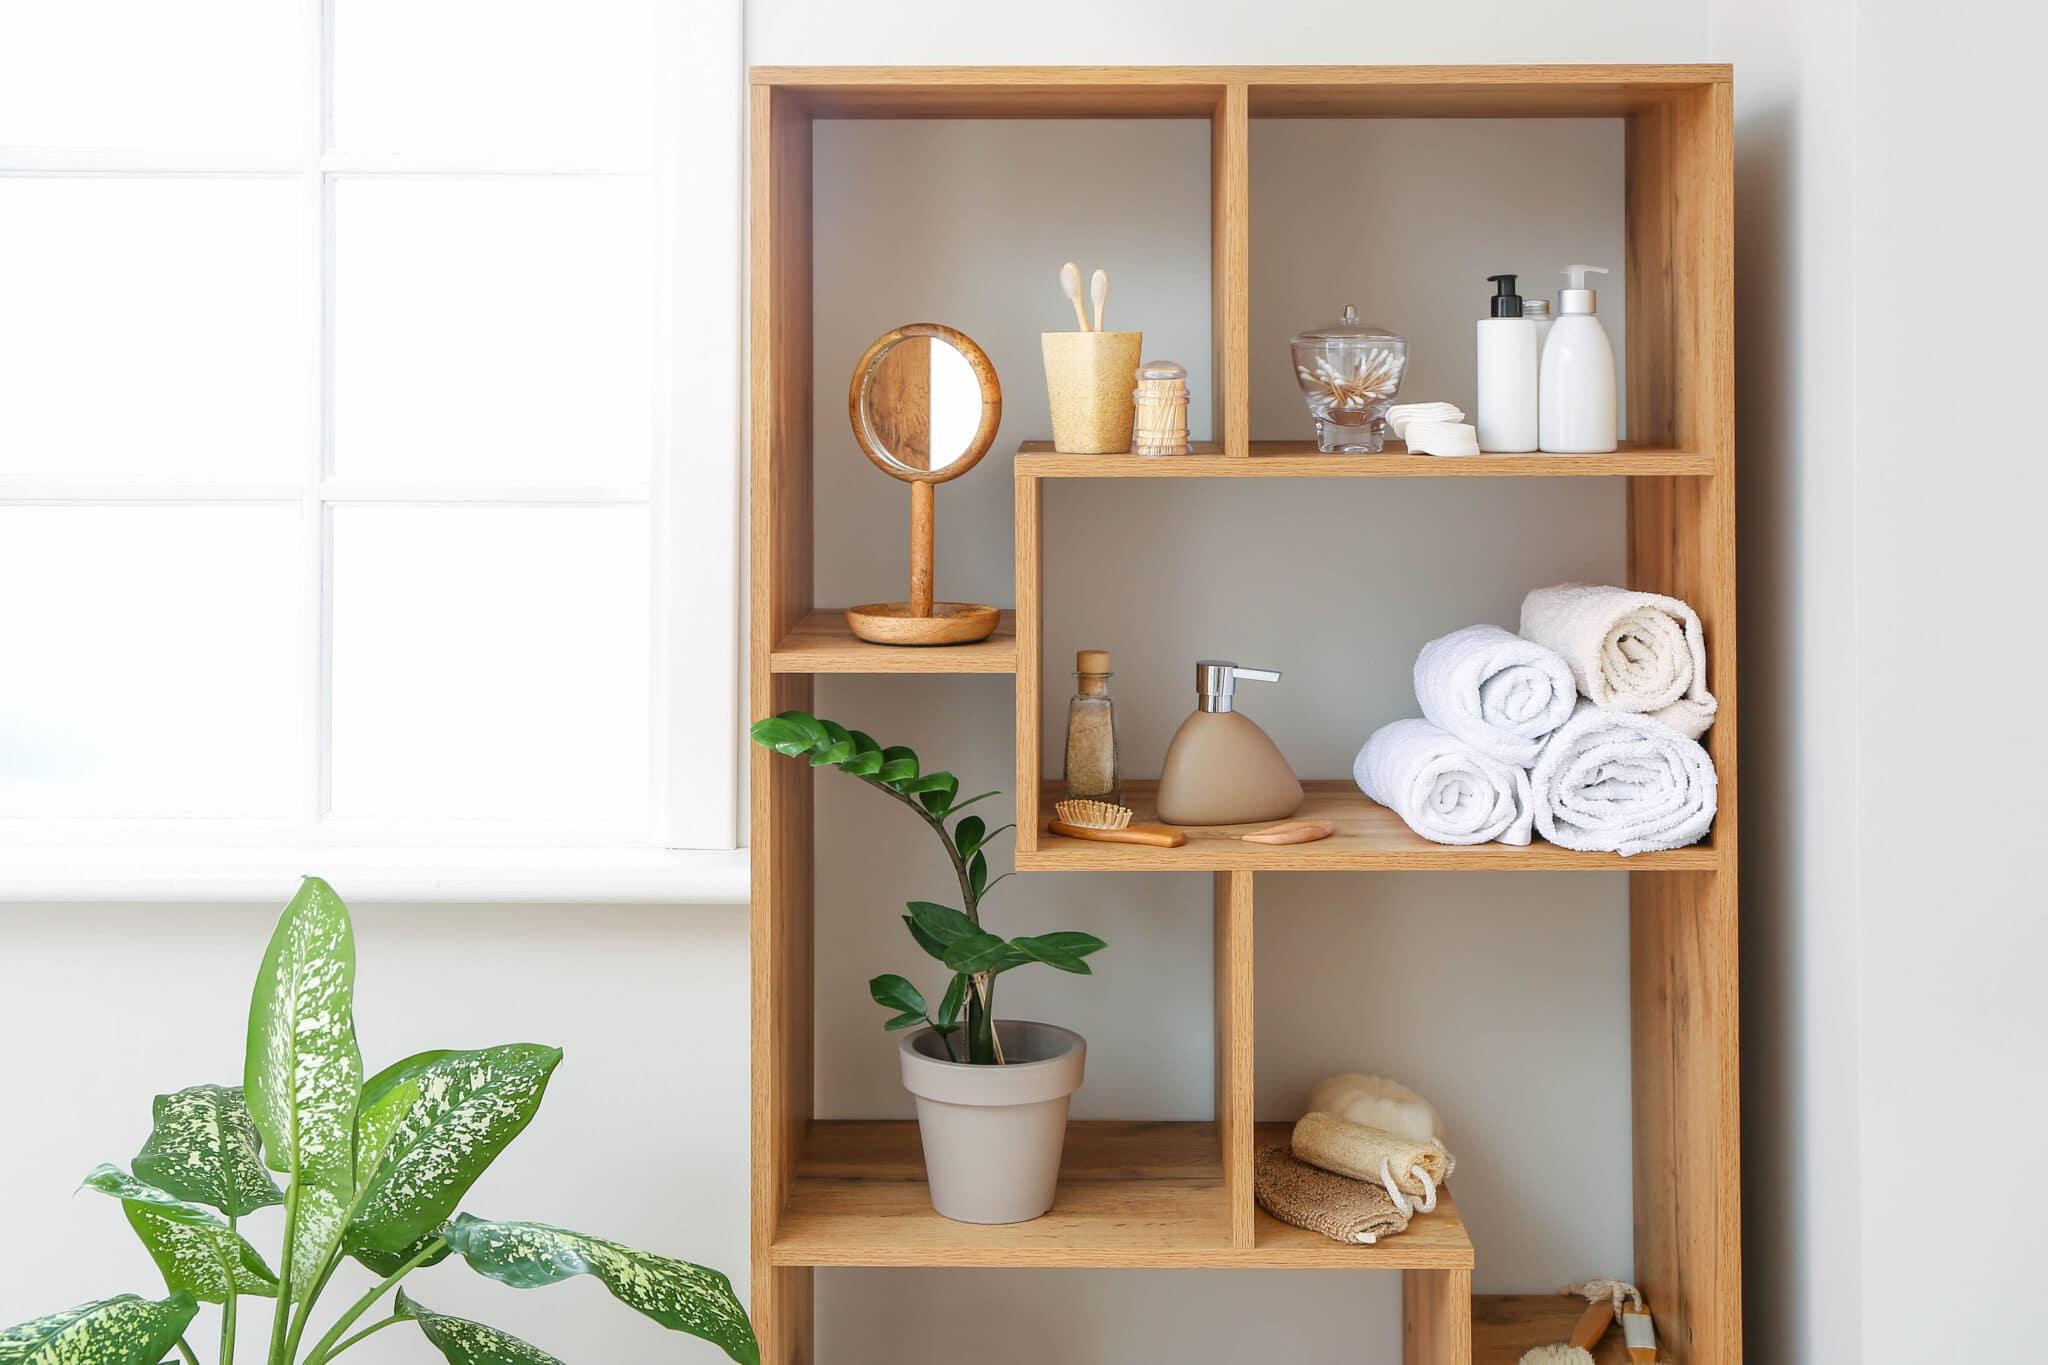 Un meuble en bois servant de rangement dans une petite salle de bain.